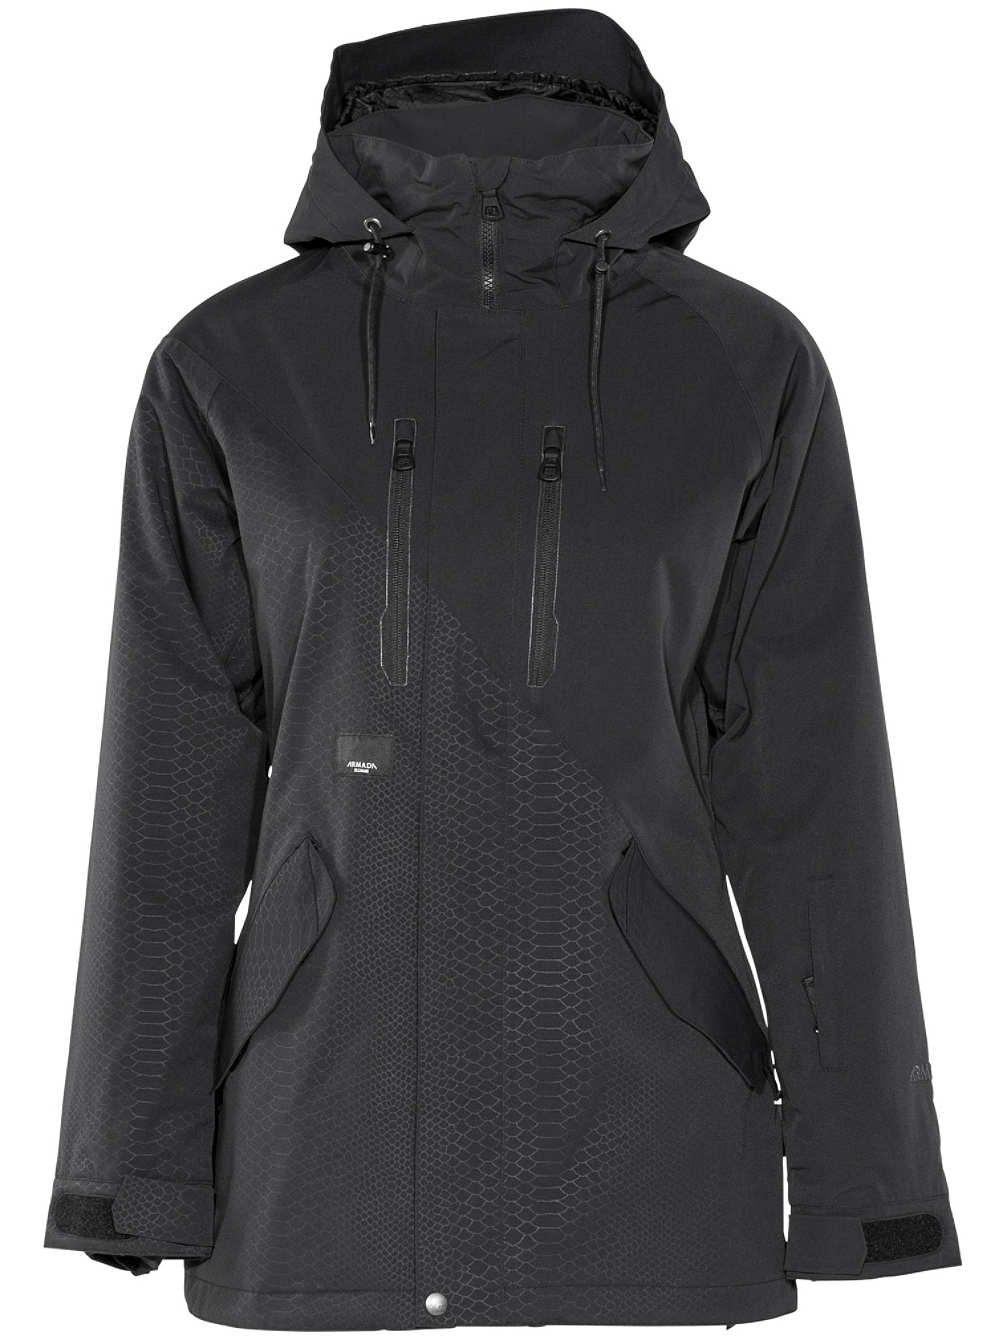 Damen Snowboard Jacke Armada Stadium Insulated Jacket günstig bestellen